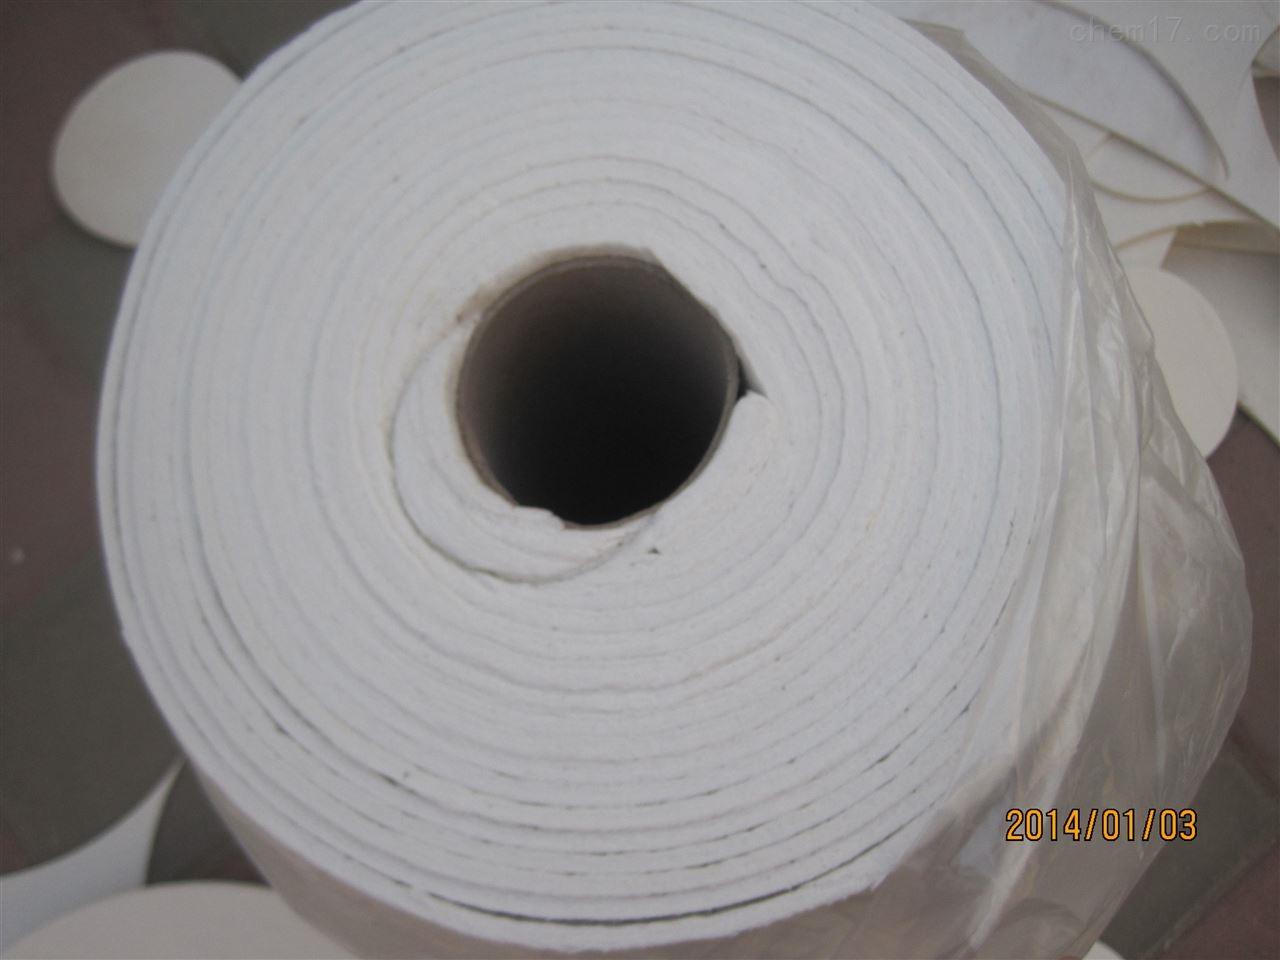 供应四川泸州耐高温陶瓷纤维纸垫片